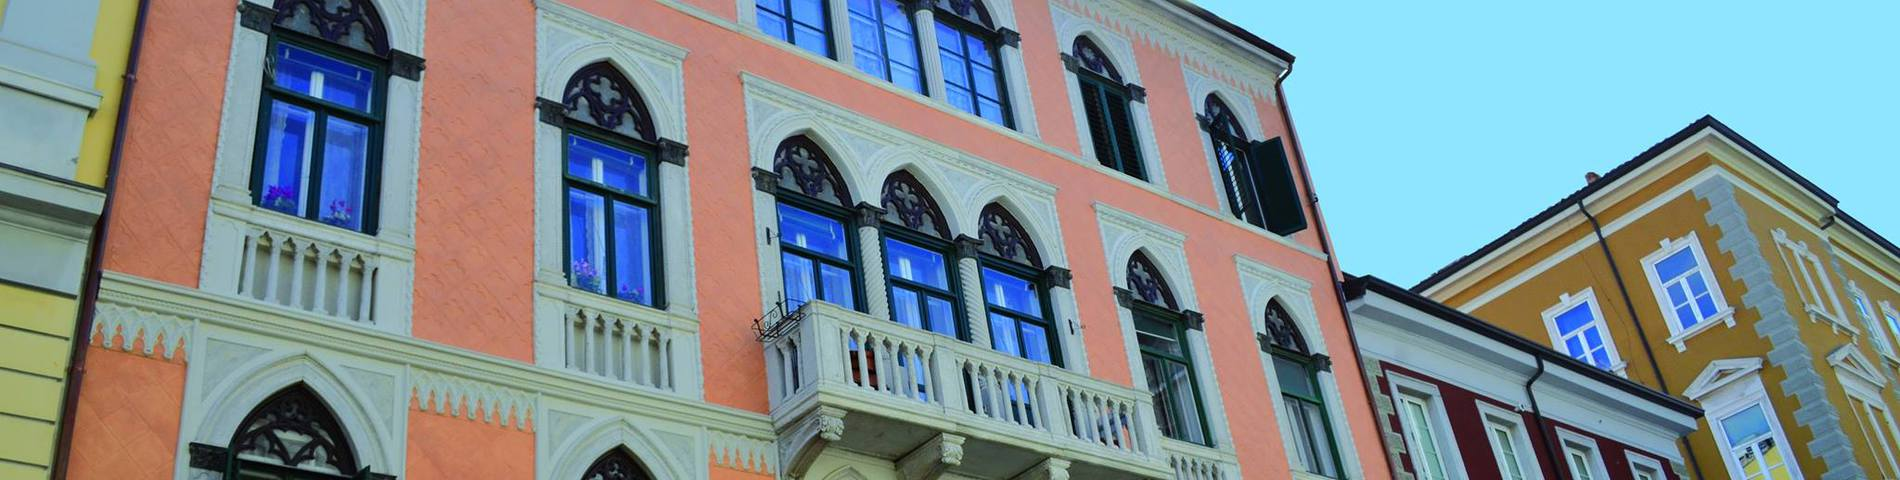 Piccola Università Italiana - Le Venezie obrazek 1